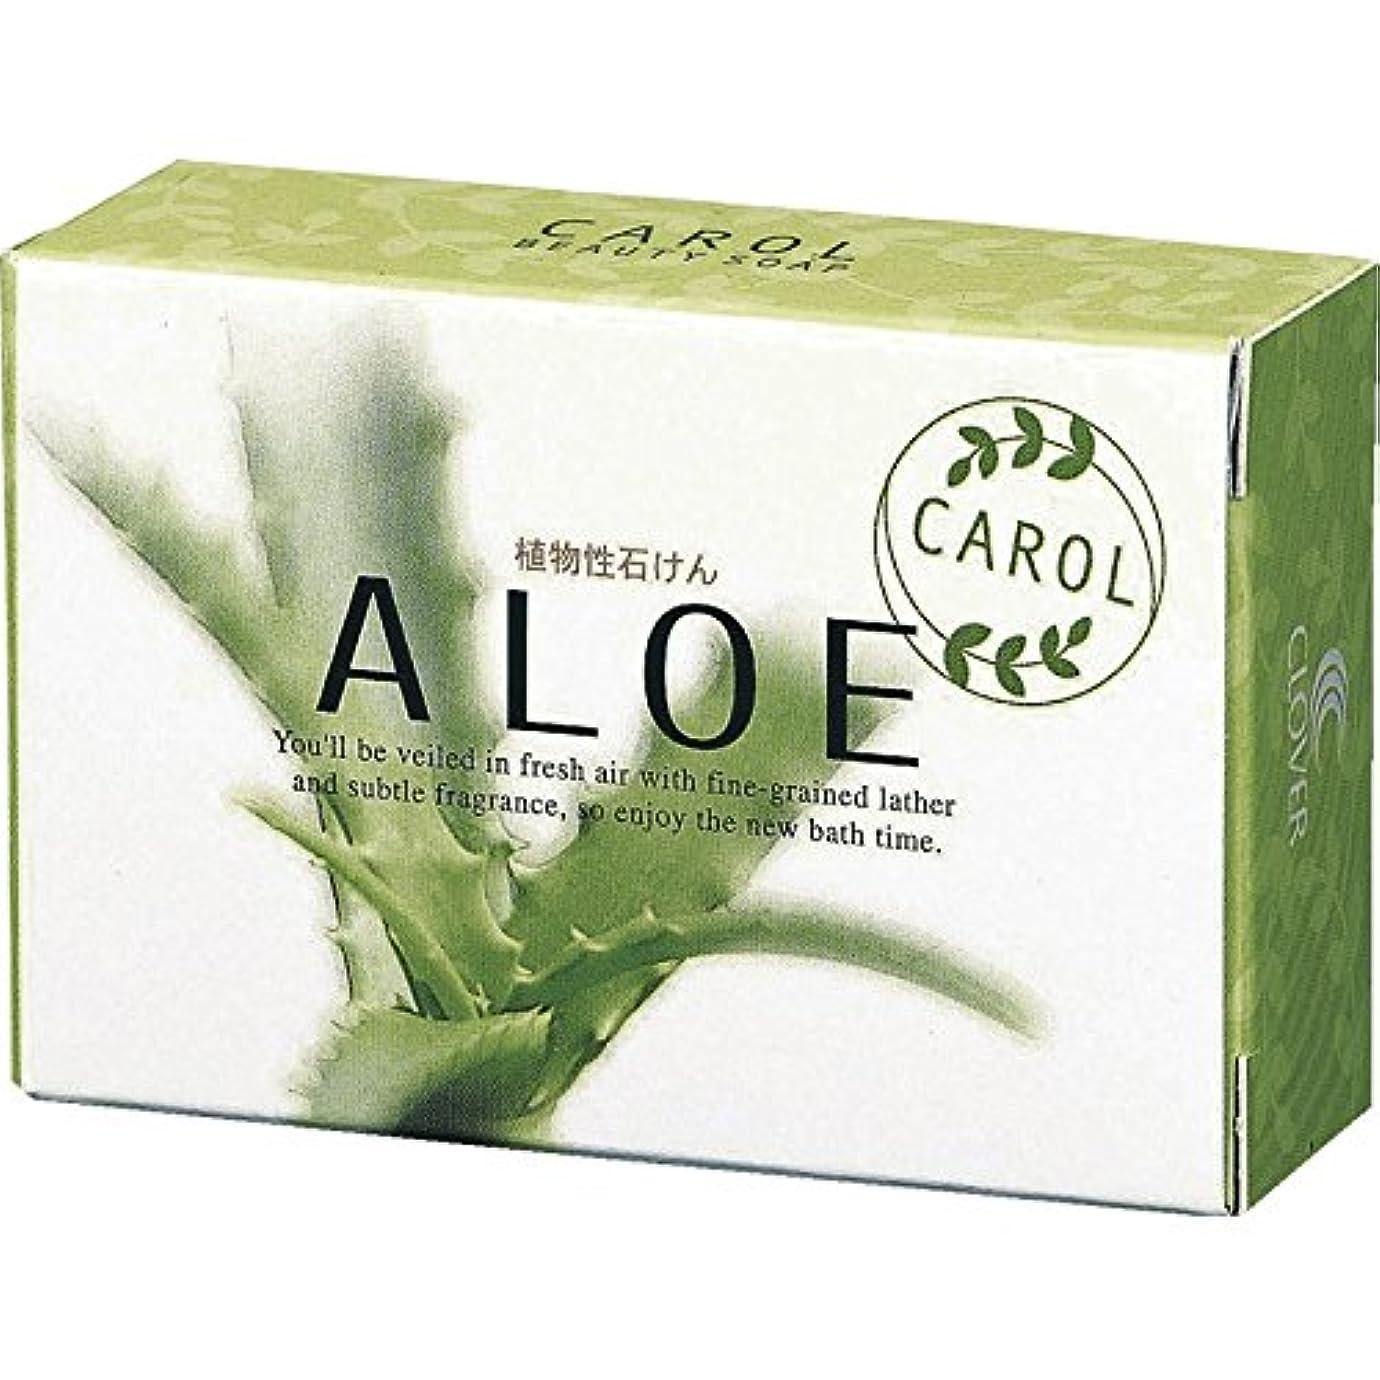 パッケージの面では共同選択キャロルアロエソープ 【固形 せっけん 石けん お風呂 きれい いい香り 保湿 全身 ベビー モイスチャー アロエ成分 良い香り 汚れを落とす 80】